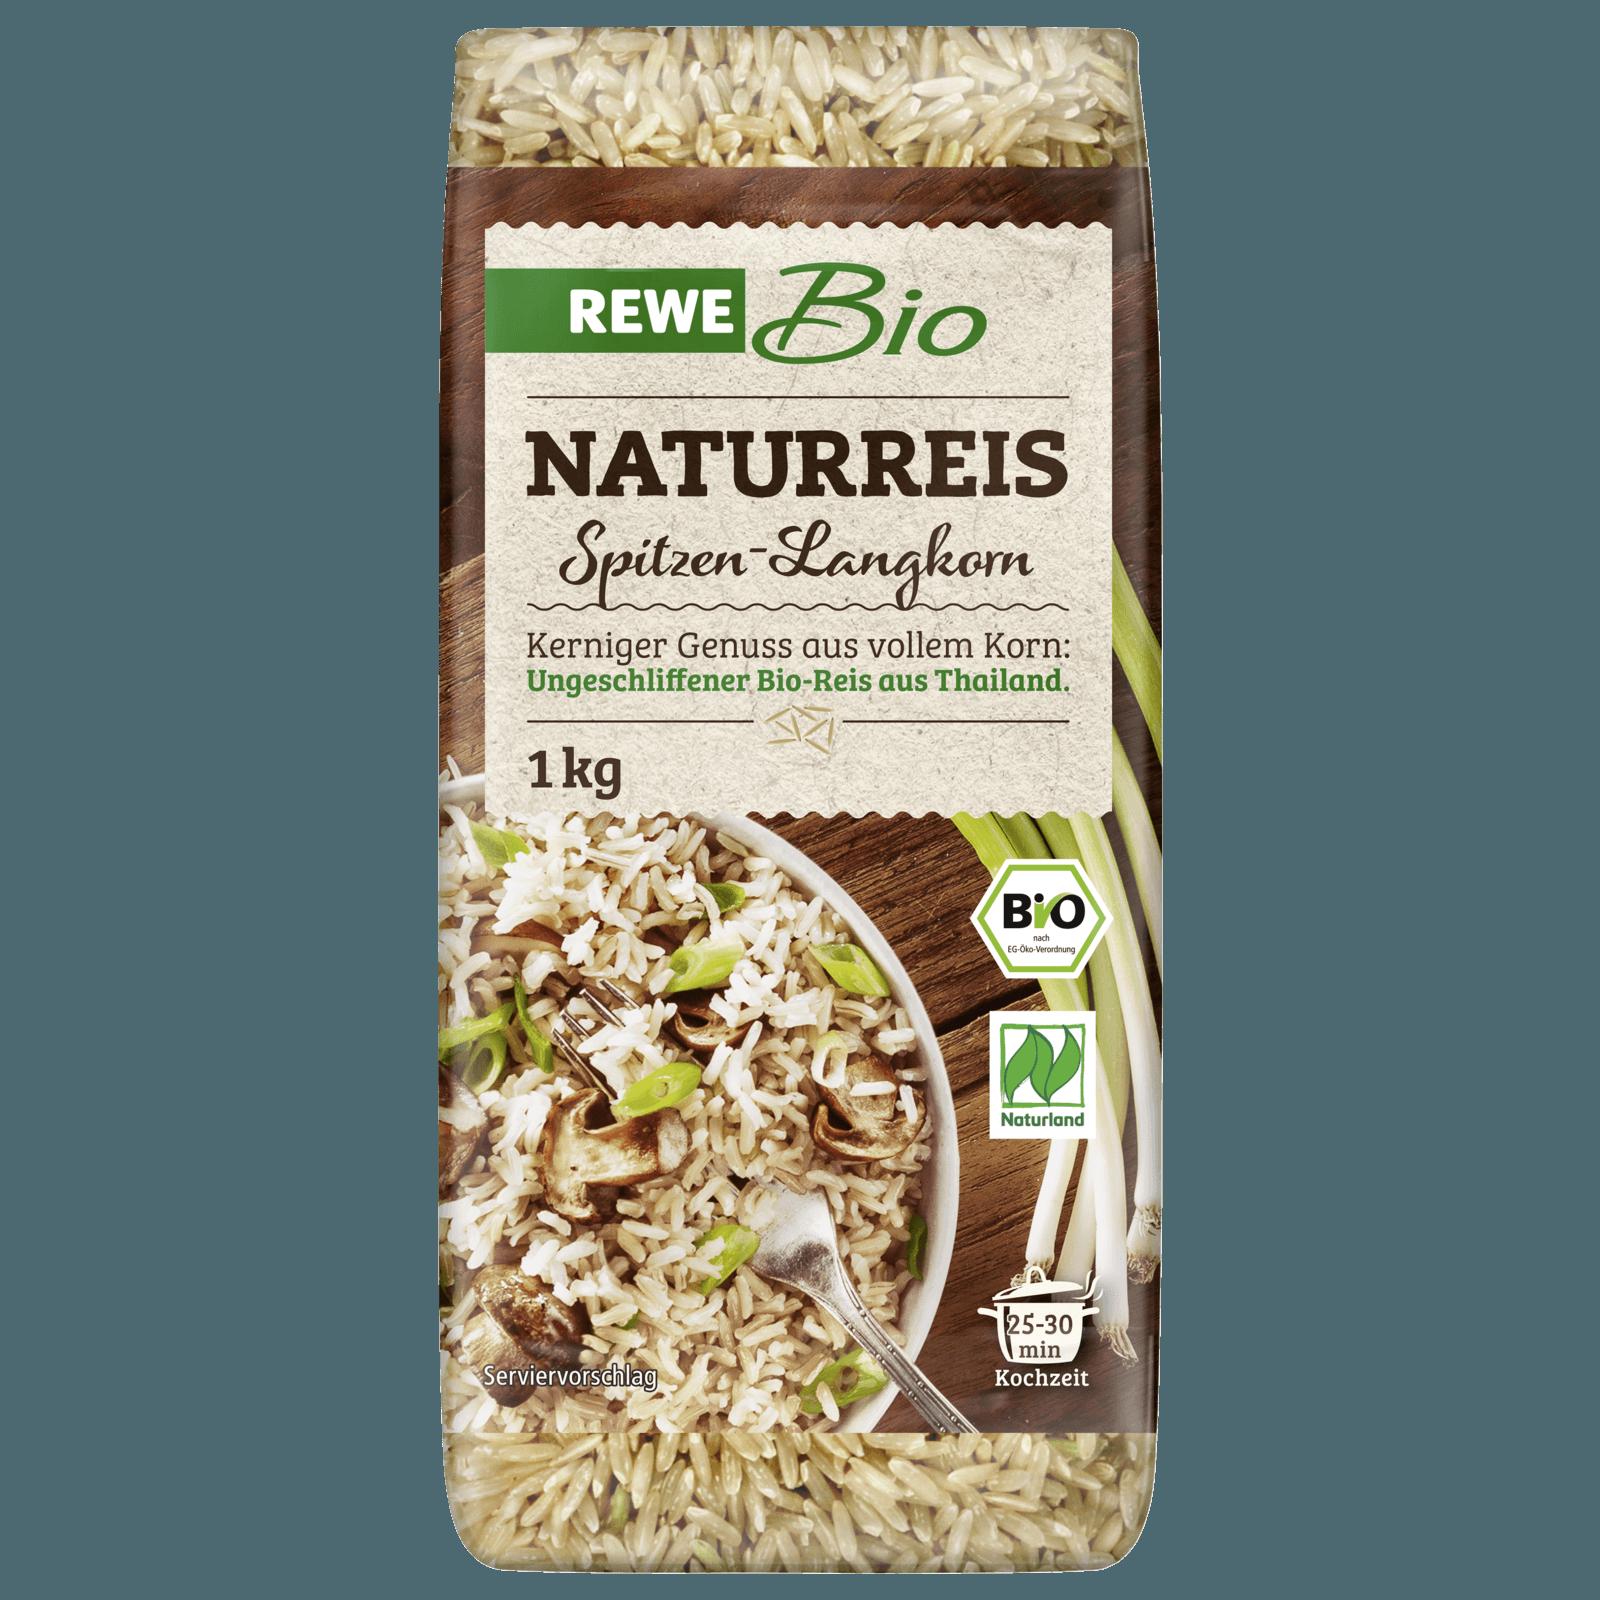 REWE Bio Langkorn Naturreis Spitzenqualität 500g